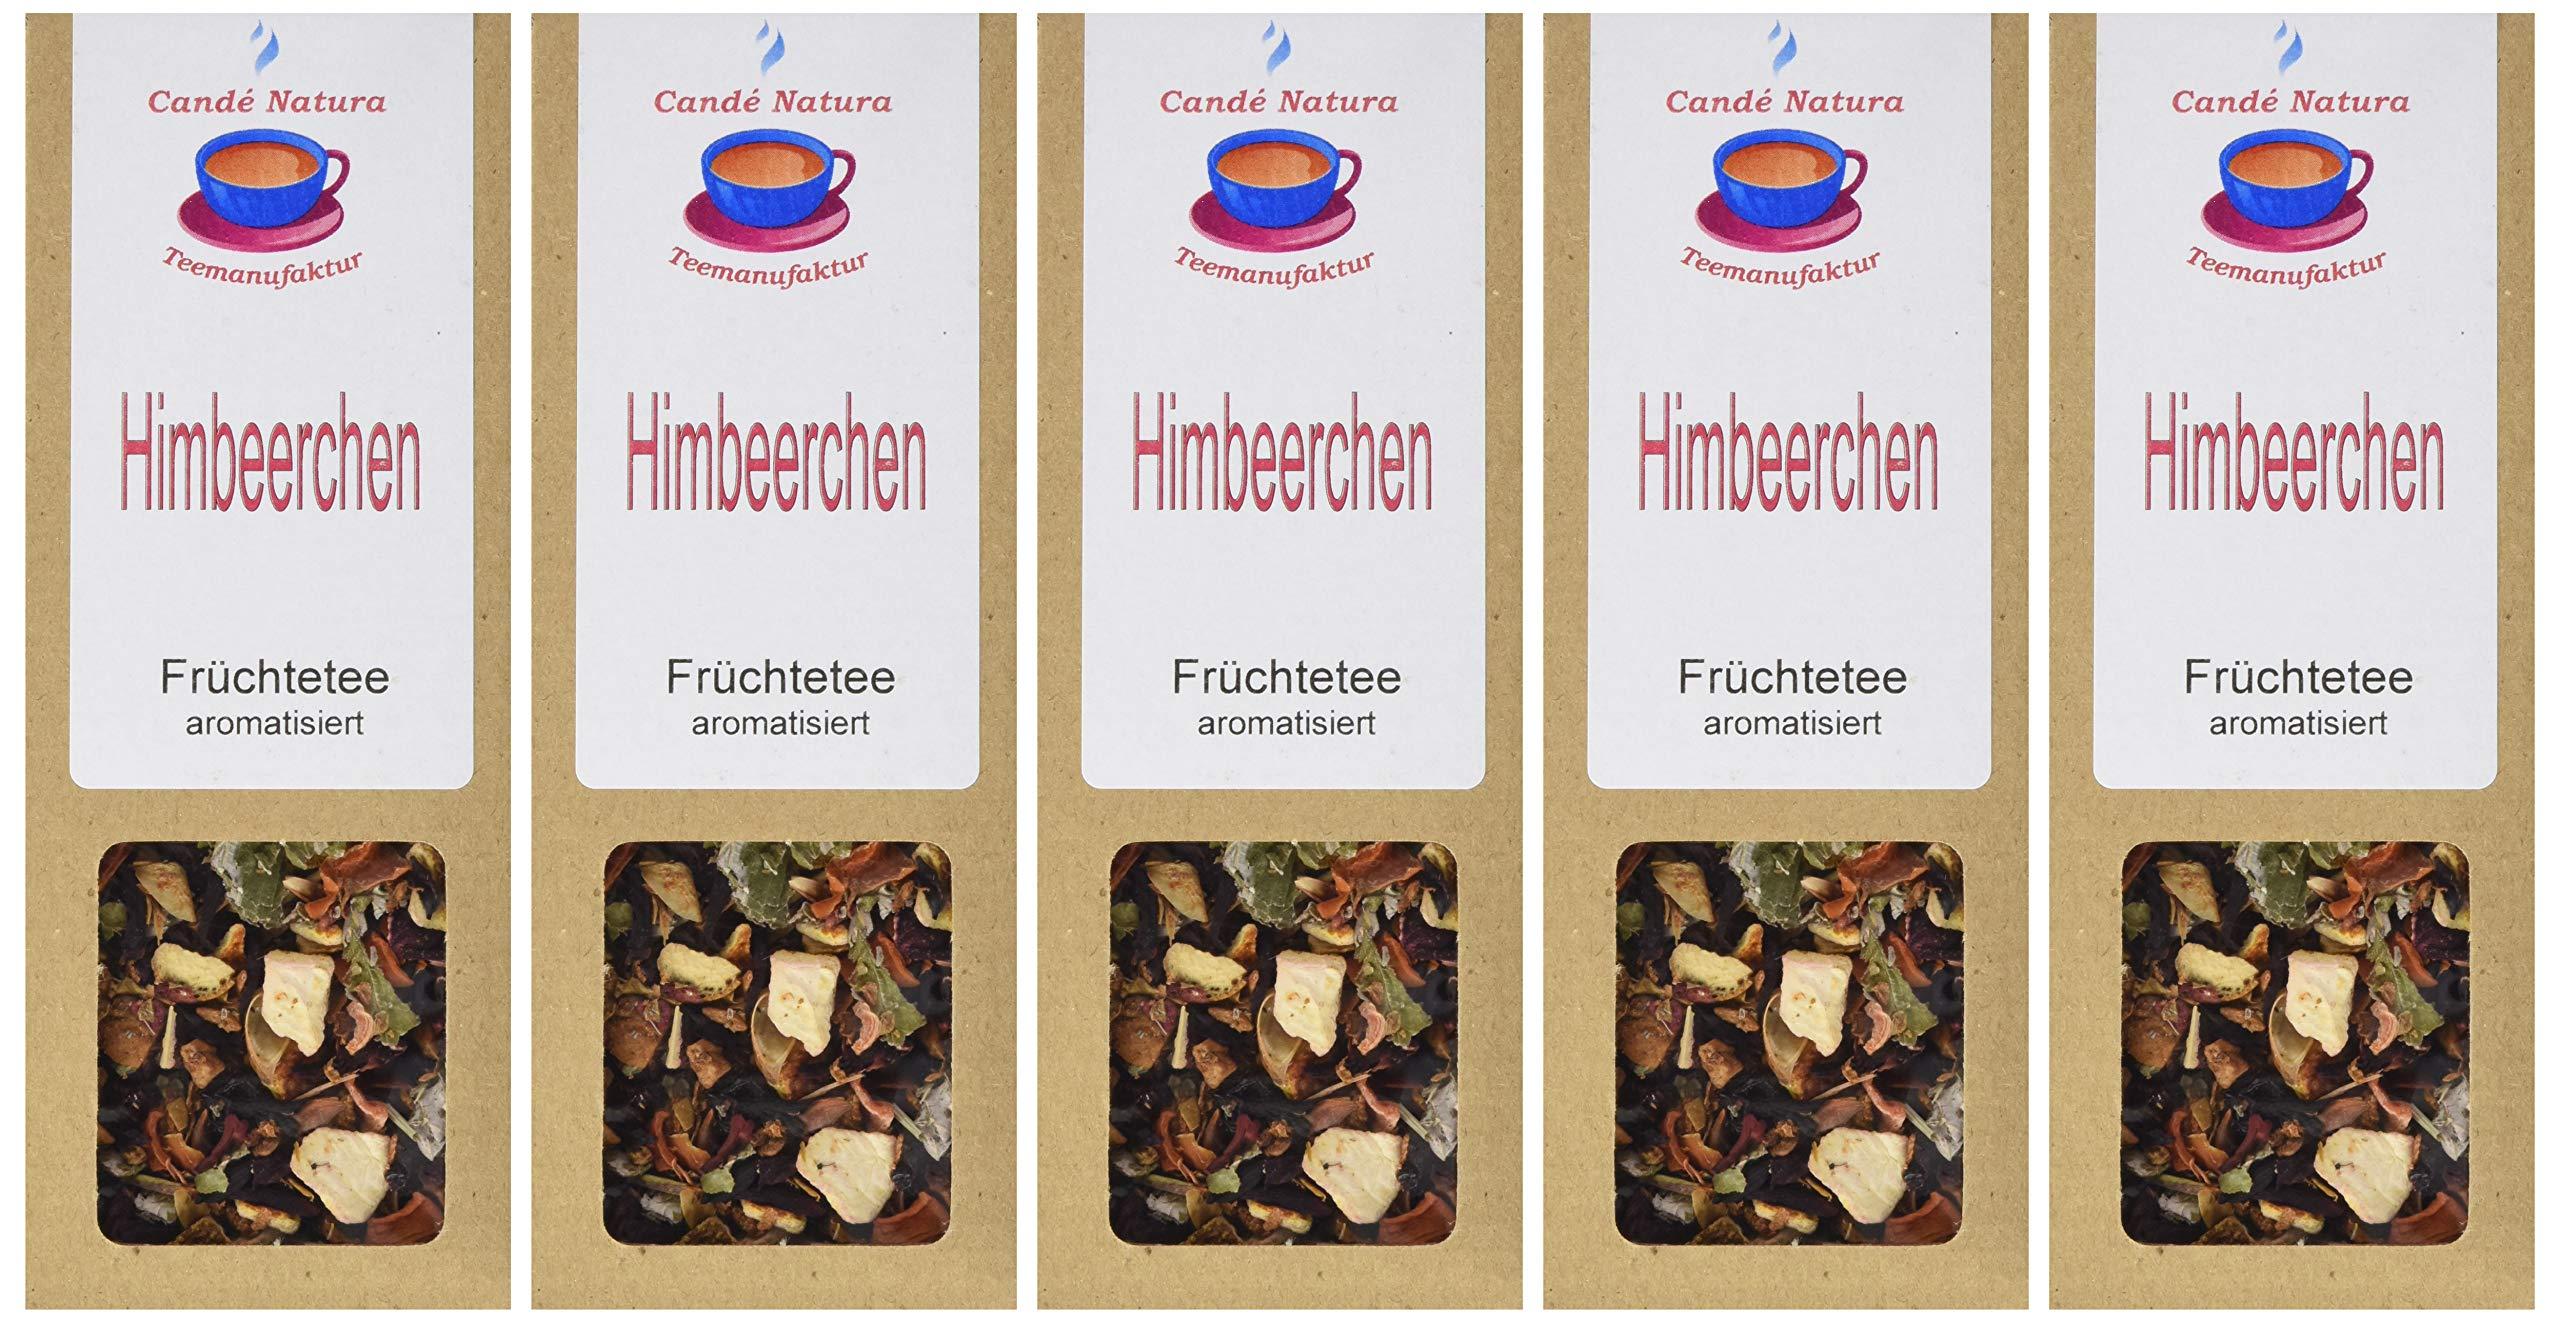 Cand-Natura-Teemanufaktur-Himbeerchen-Frchteteemischung-aromatisiert-5er-Pack-5-x-100-g